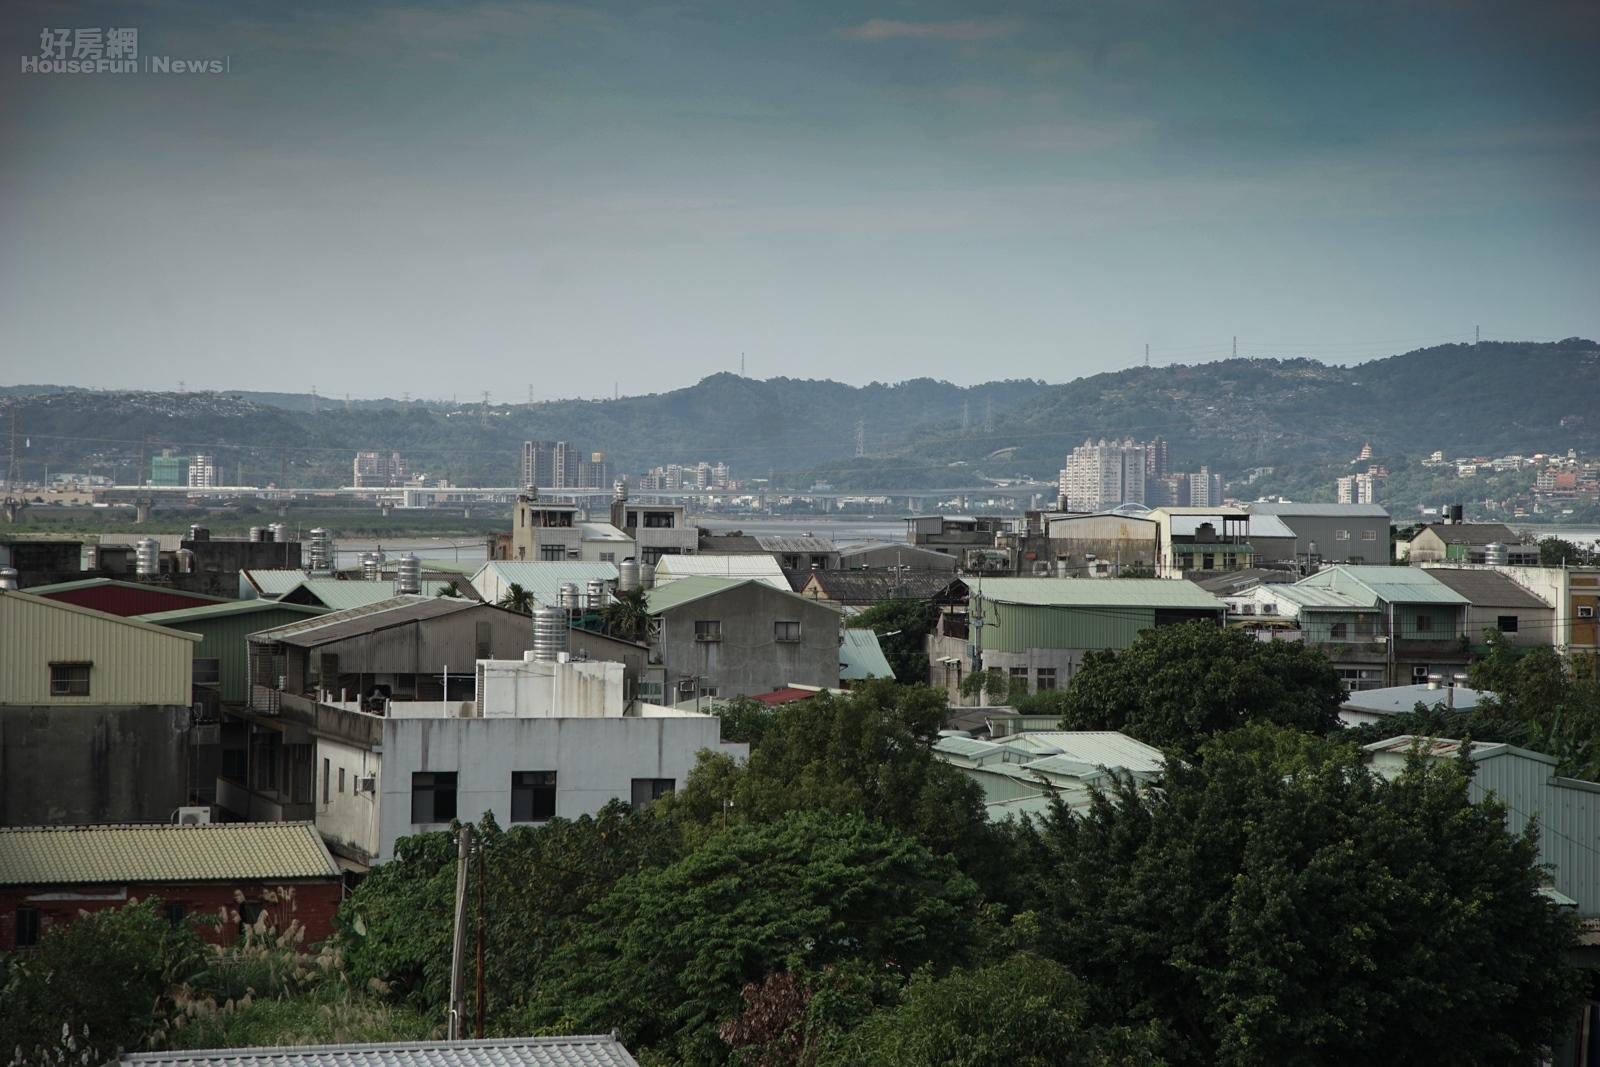 社子島禁建47年,歷任市長都無法解決這個燙手山芋,不能翻新也無法興建新的房子,因此房子壞了、破了,只能偷偷的翻修。(好房網News記者張聖奕/攝影)